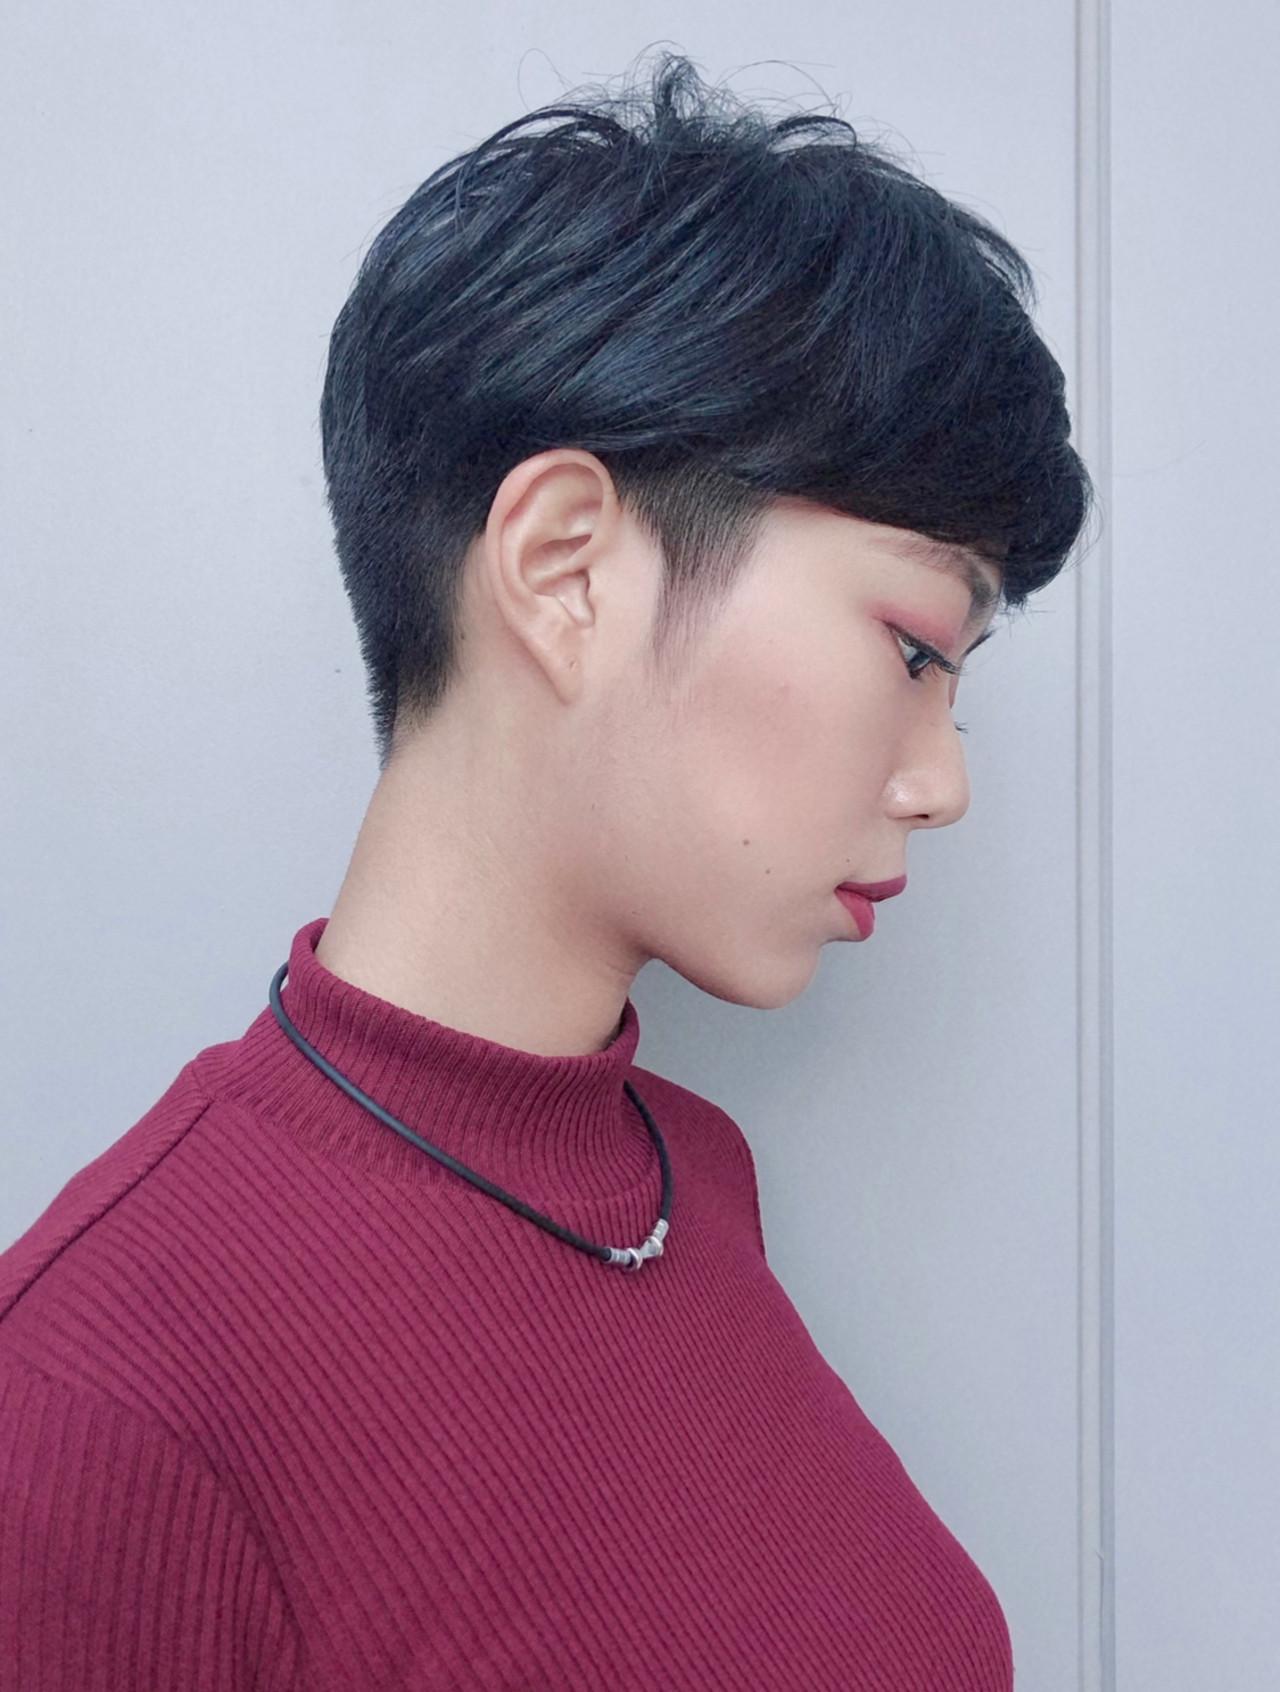 刈り上げショート ショート ショートヘア ハンサムショート ヘアスタイルや髪型の写真・画像